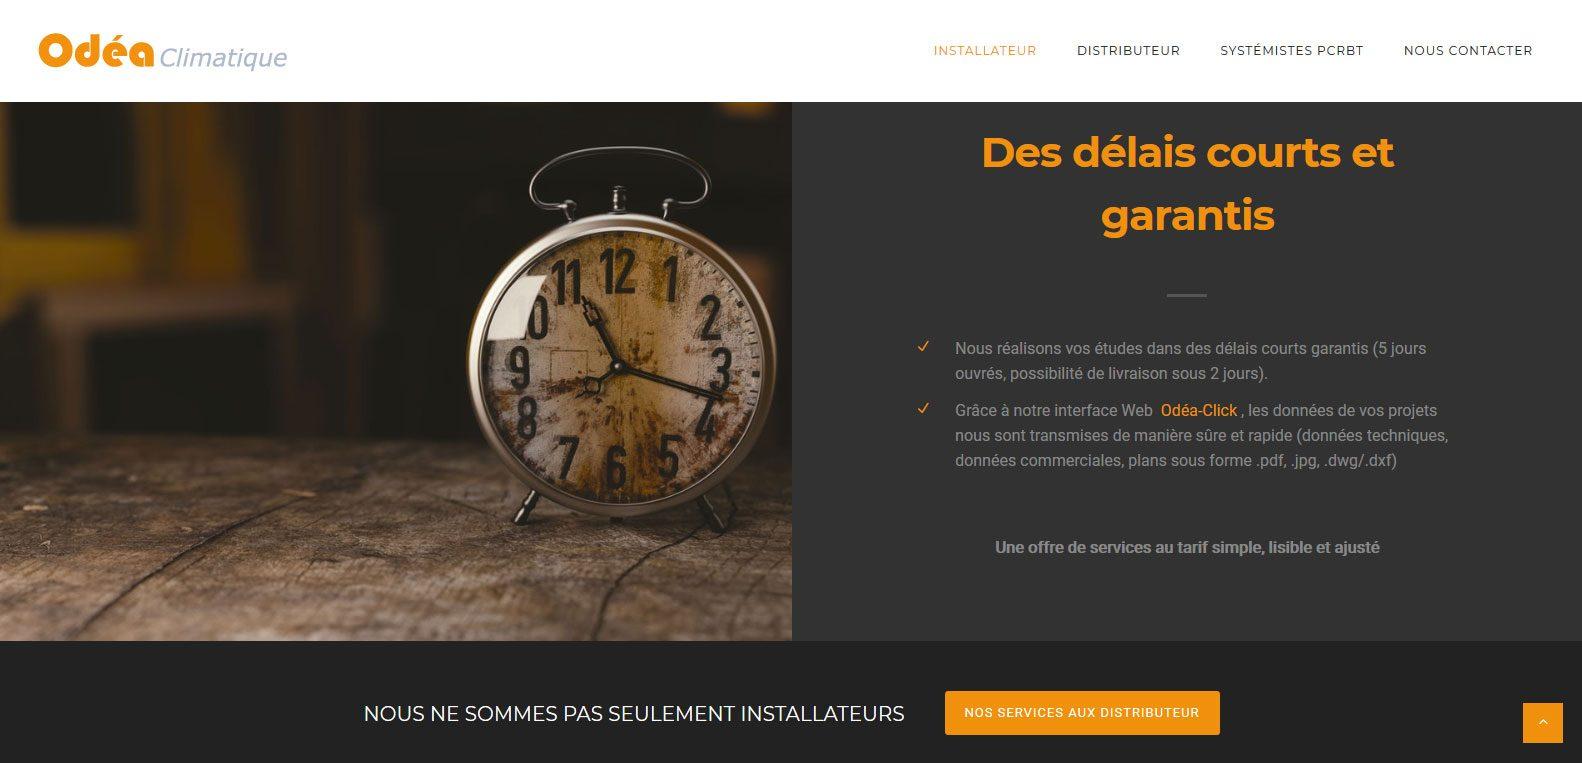 Odea climatique, des délais courts garantis ! Client Karedess, agence web situé à Mulhouse